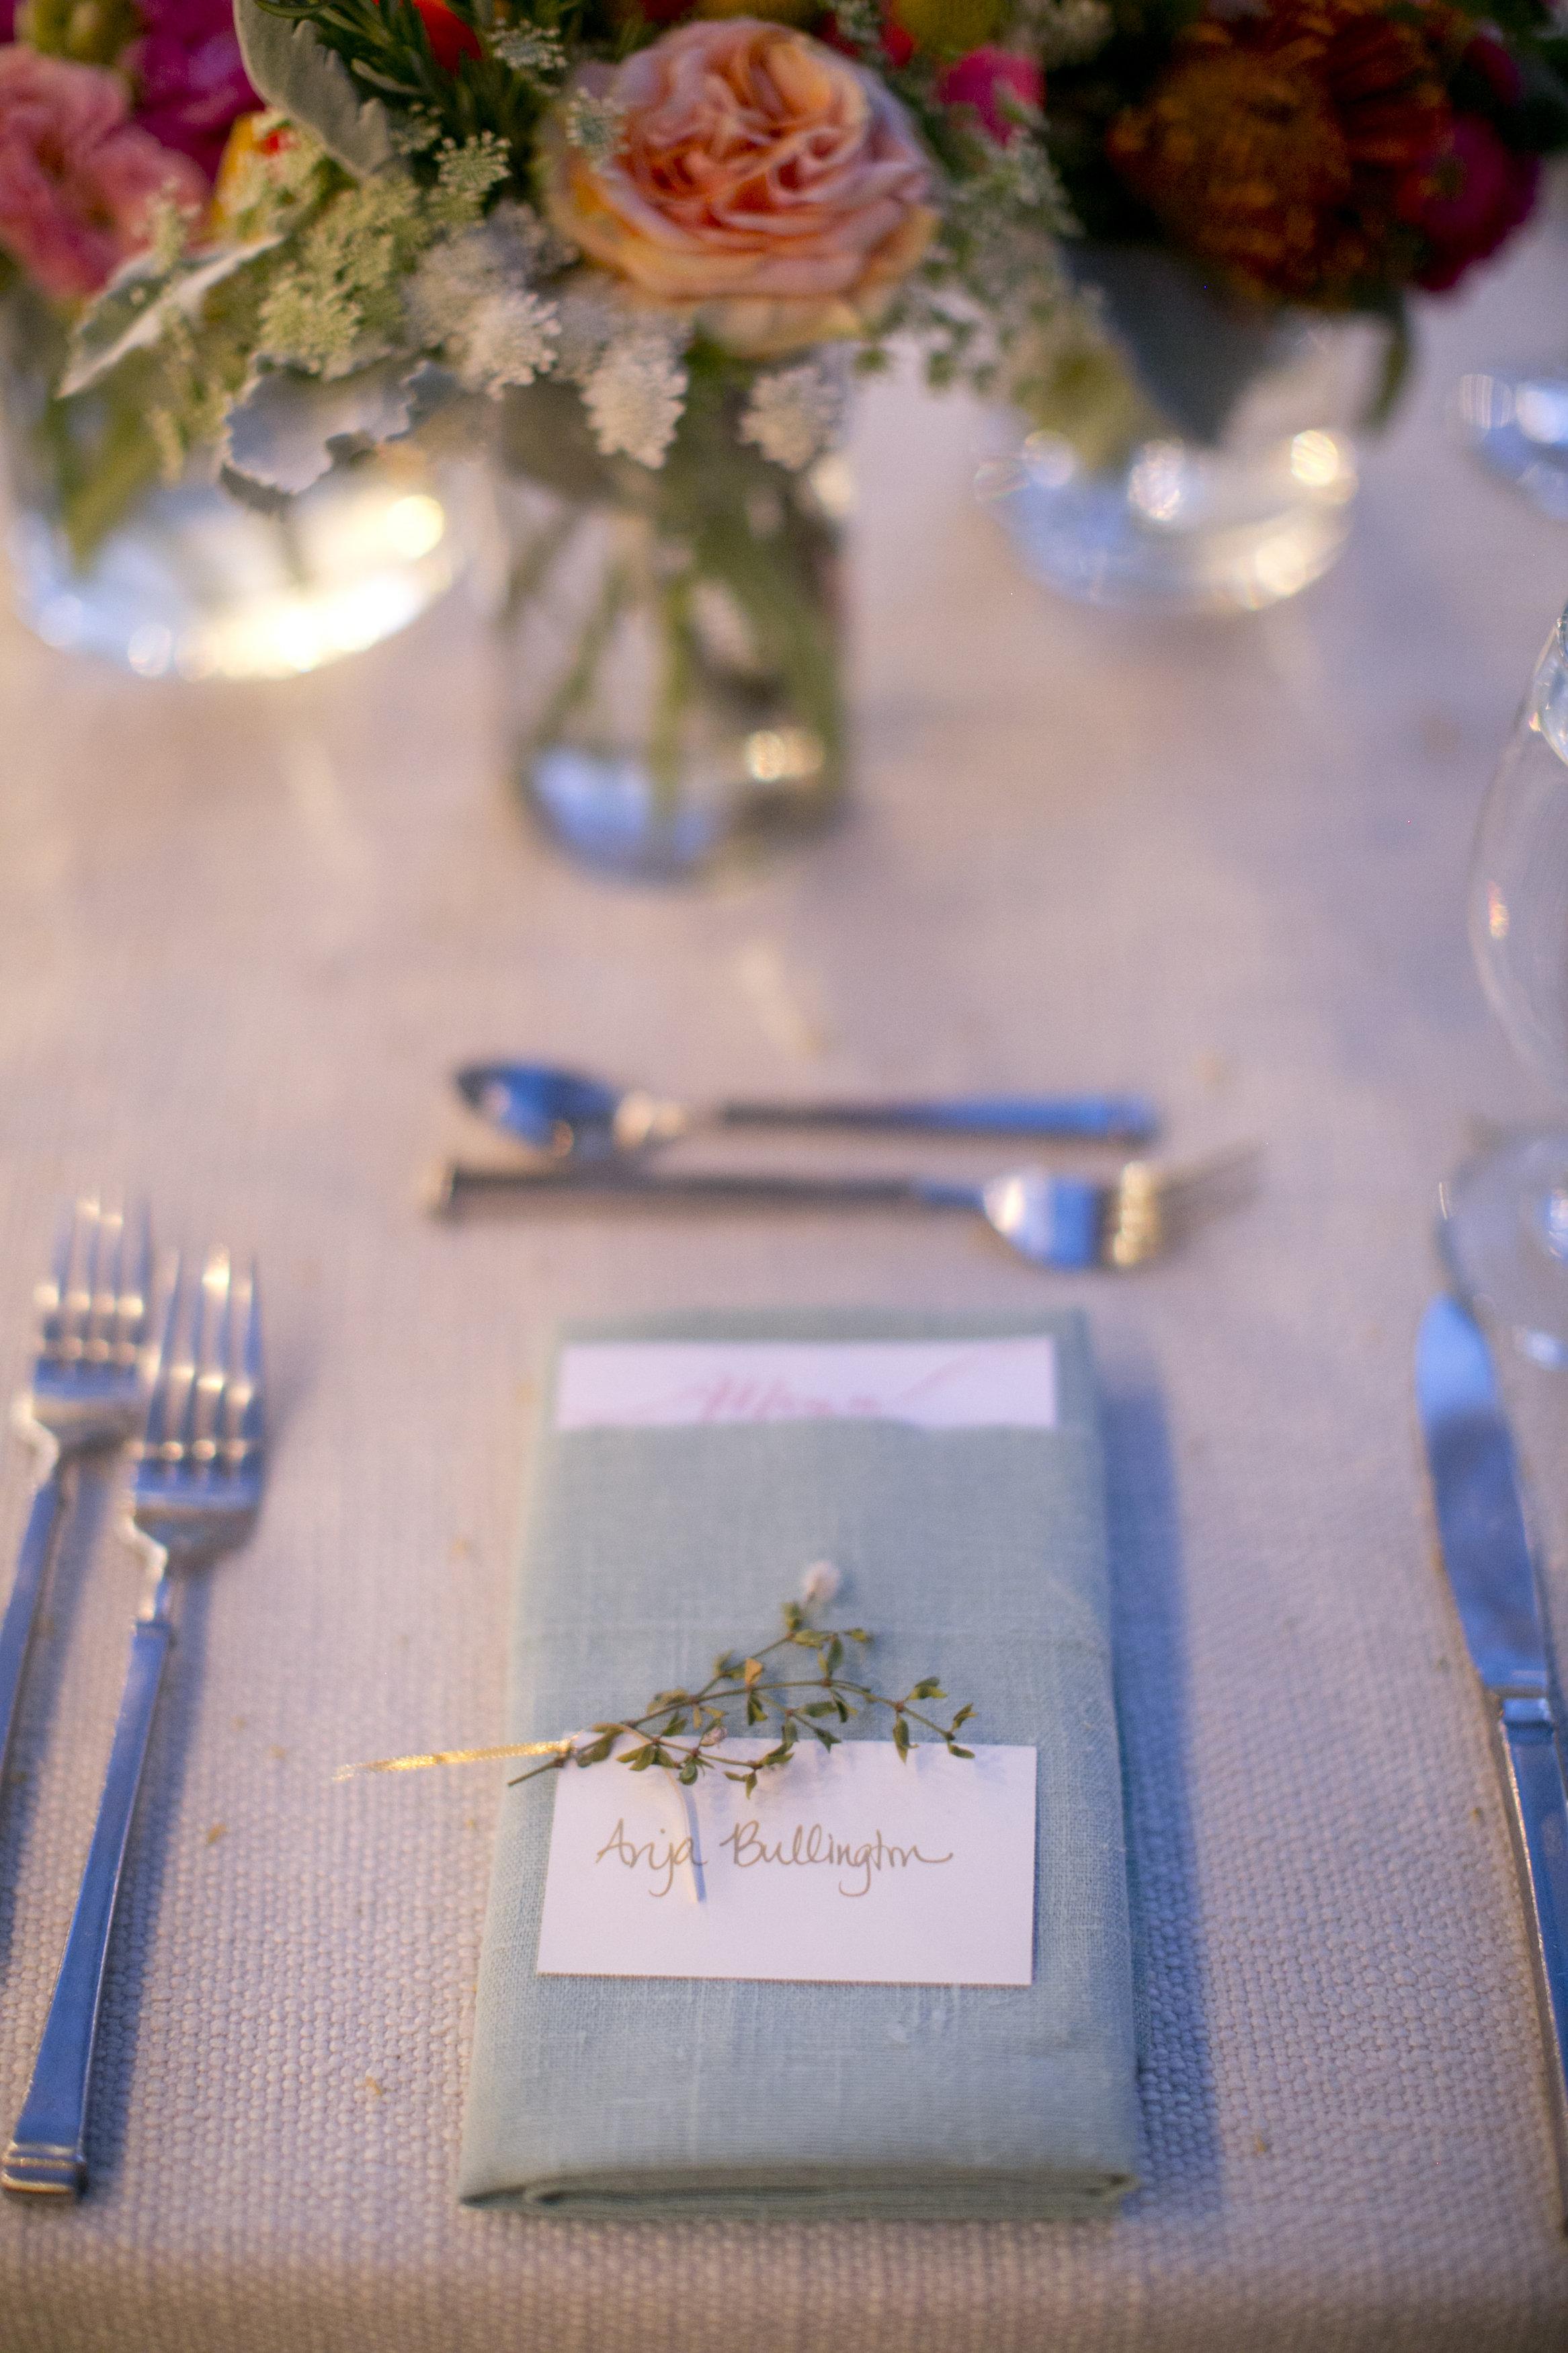 Ceci_New_York_Ceci_Style_Ceci_Johnson_Luxury_Lifestyle_Arizona_Wedding_Watercolor_Inspiration_Design_Custom_Couture_Personalized_Invitations_180.jpg